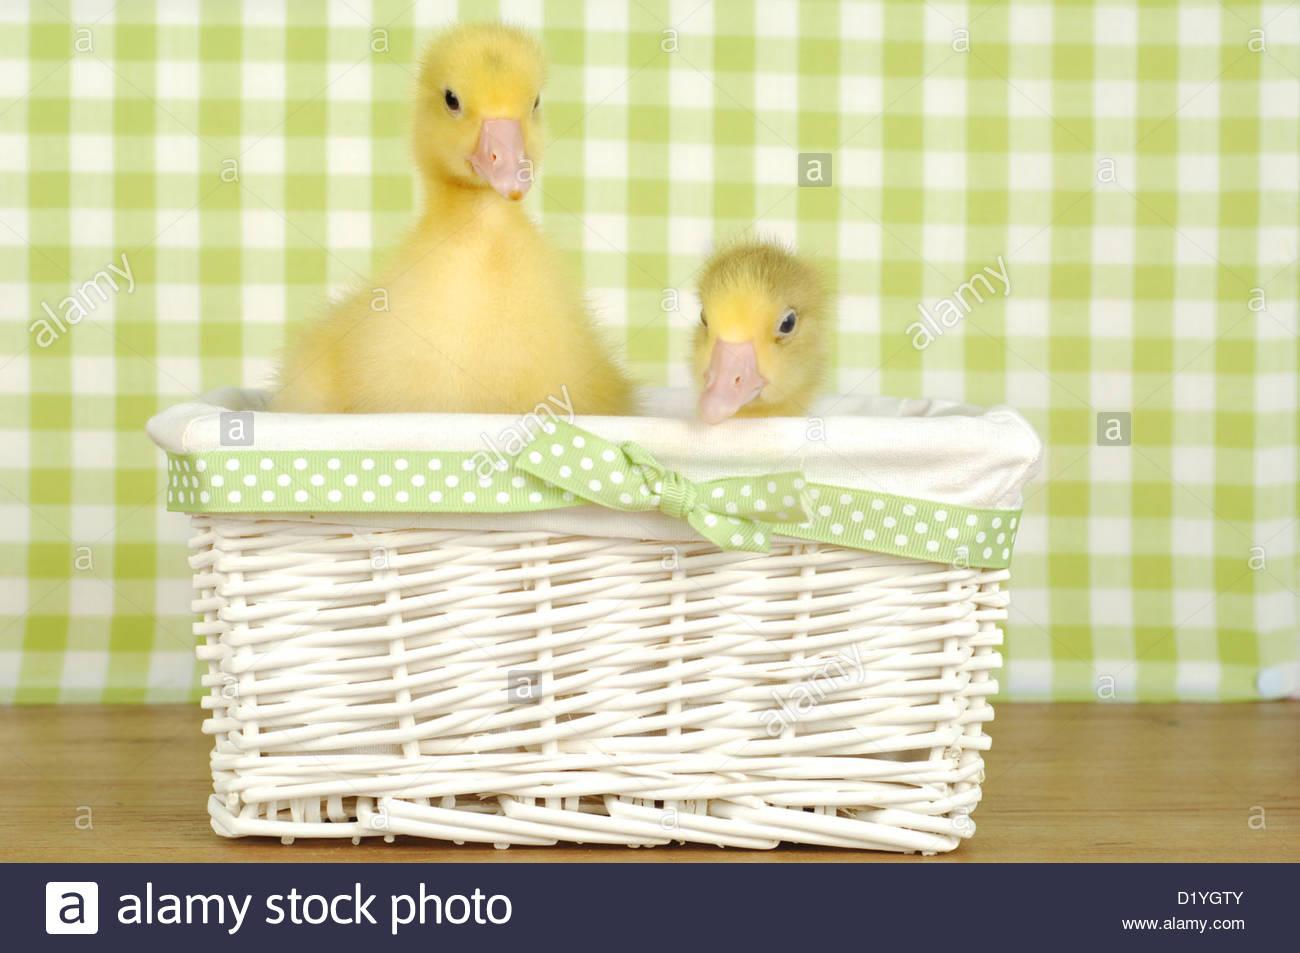 Domestic Goose, Pomeranian Goose. Two Gosling In A Wicker Basket